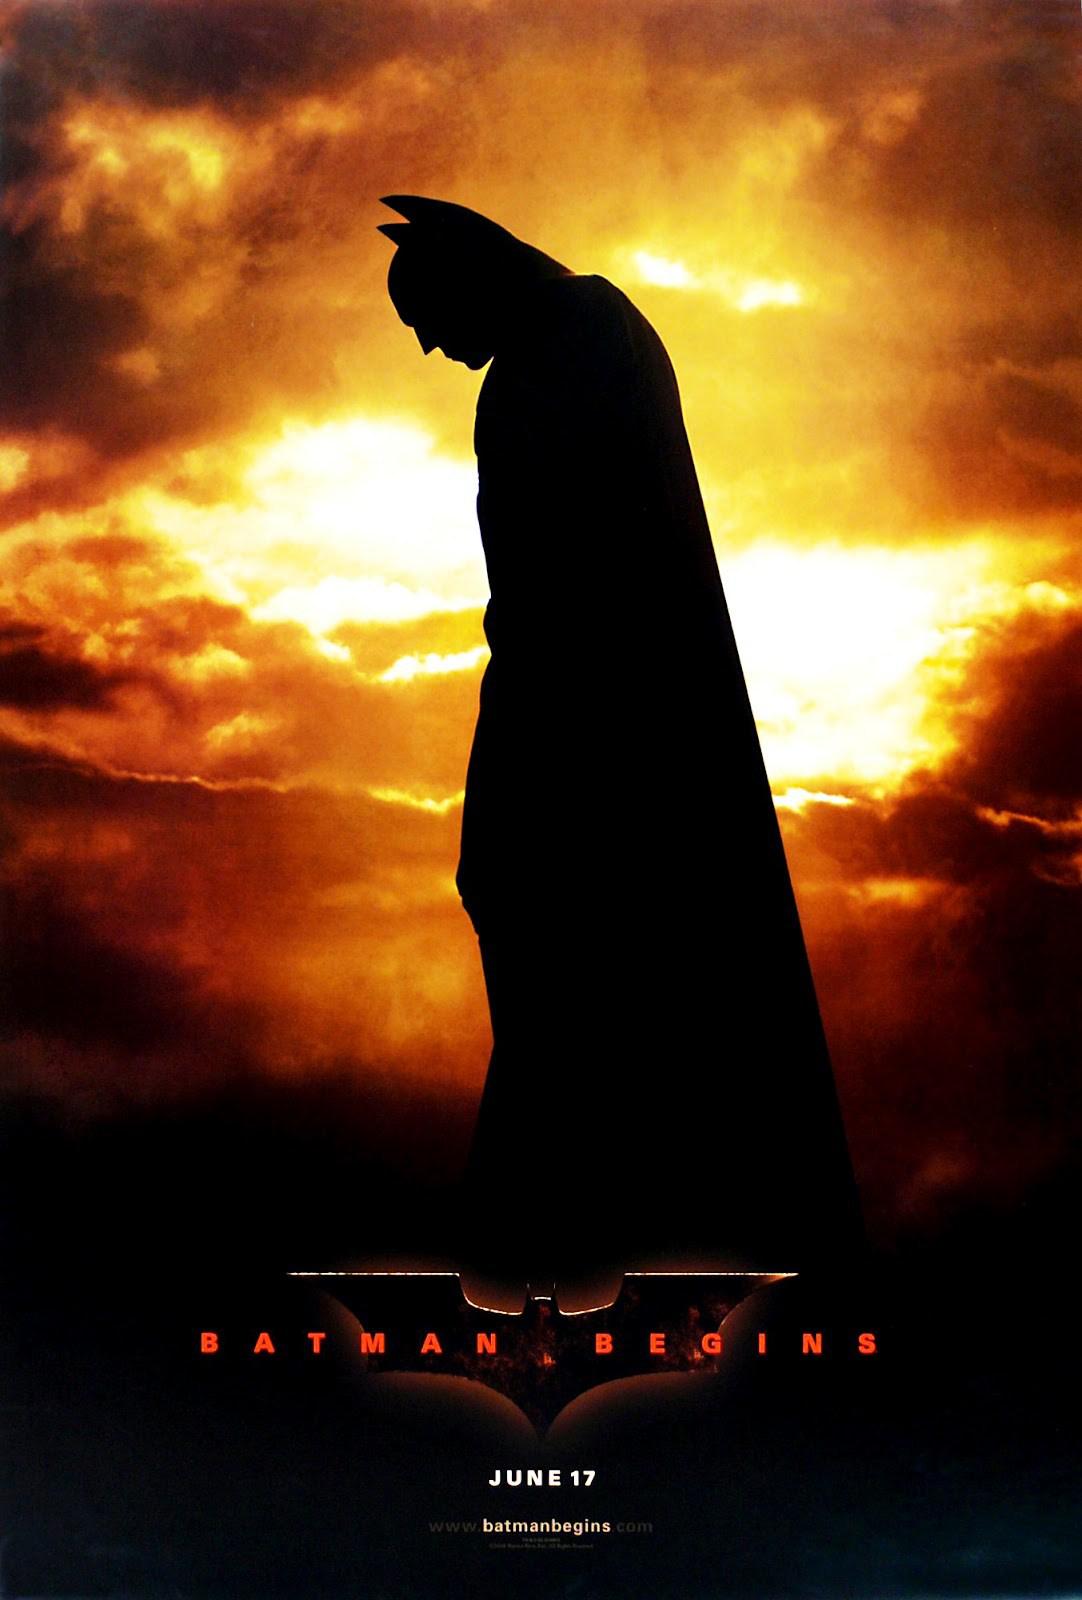 batman-begins-movie-poster1.jpg